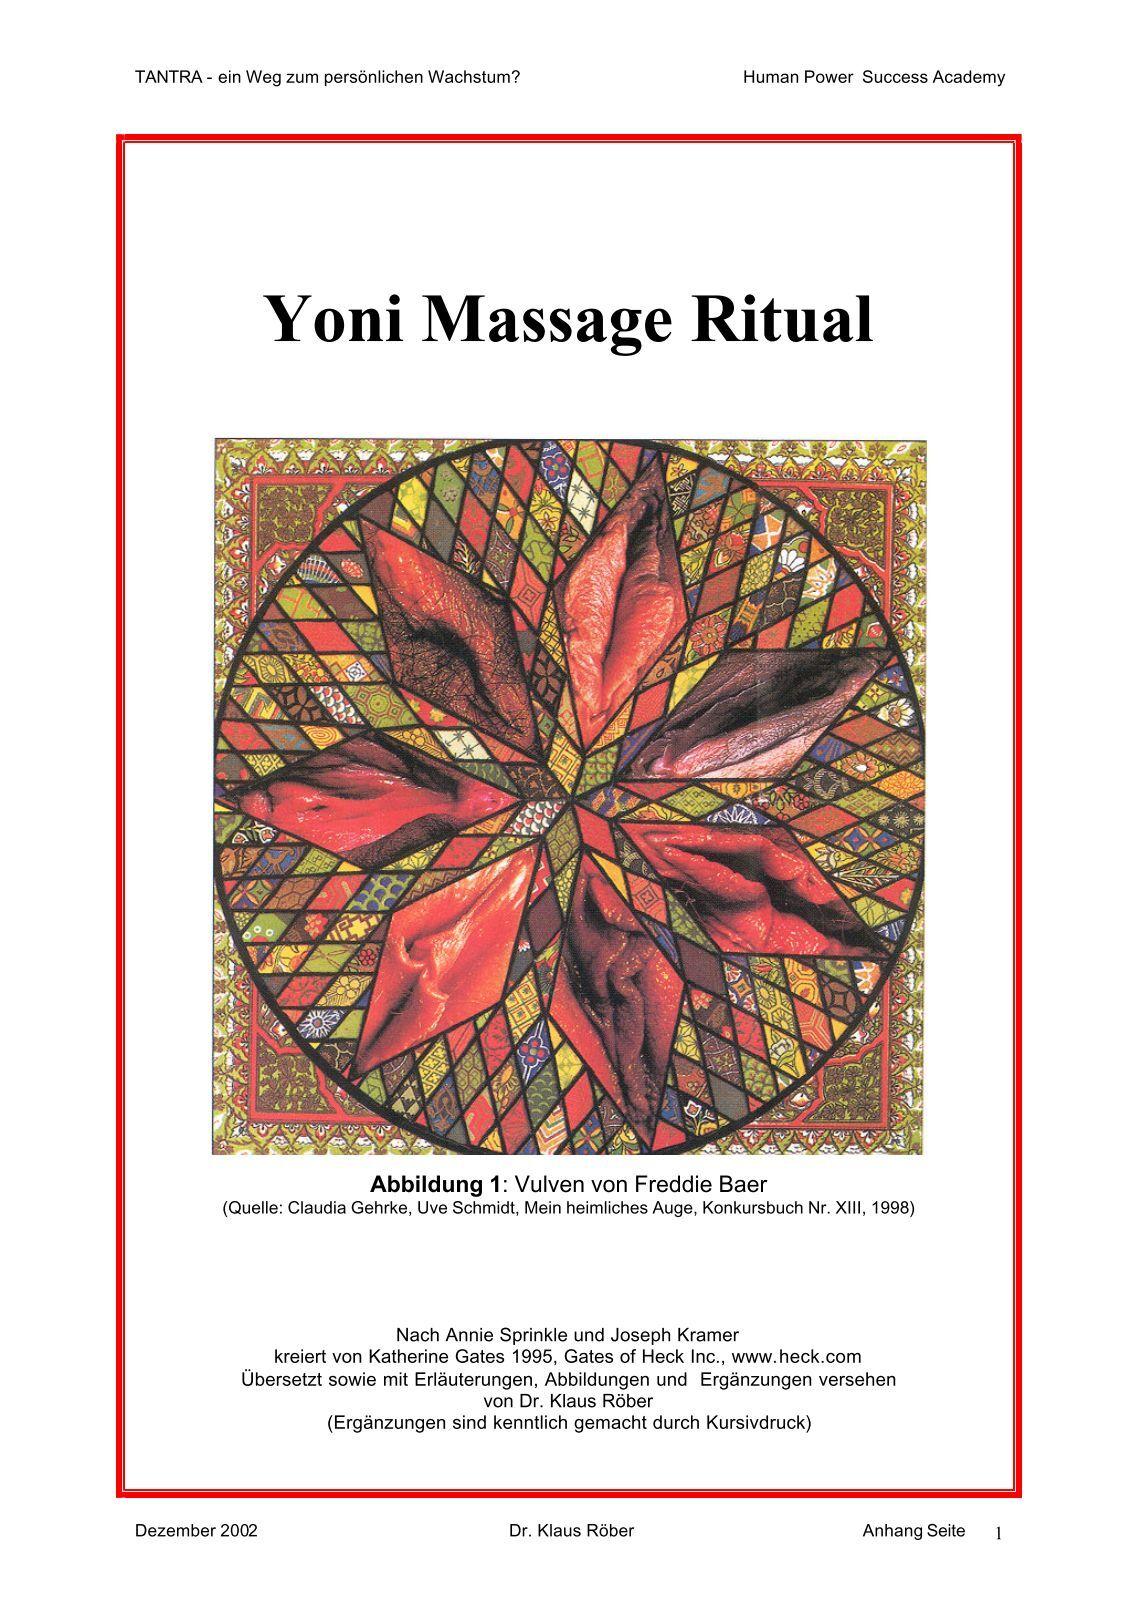 fick app yoni masage